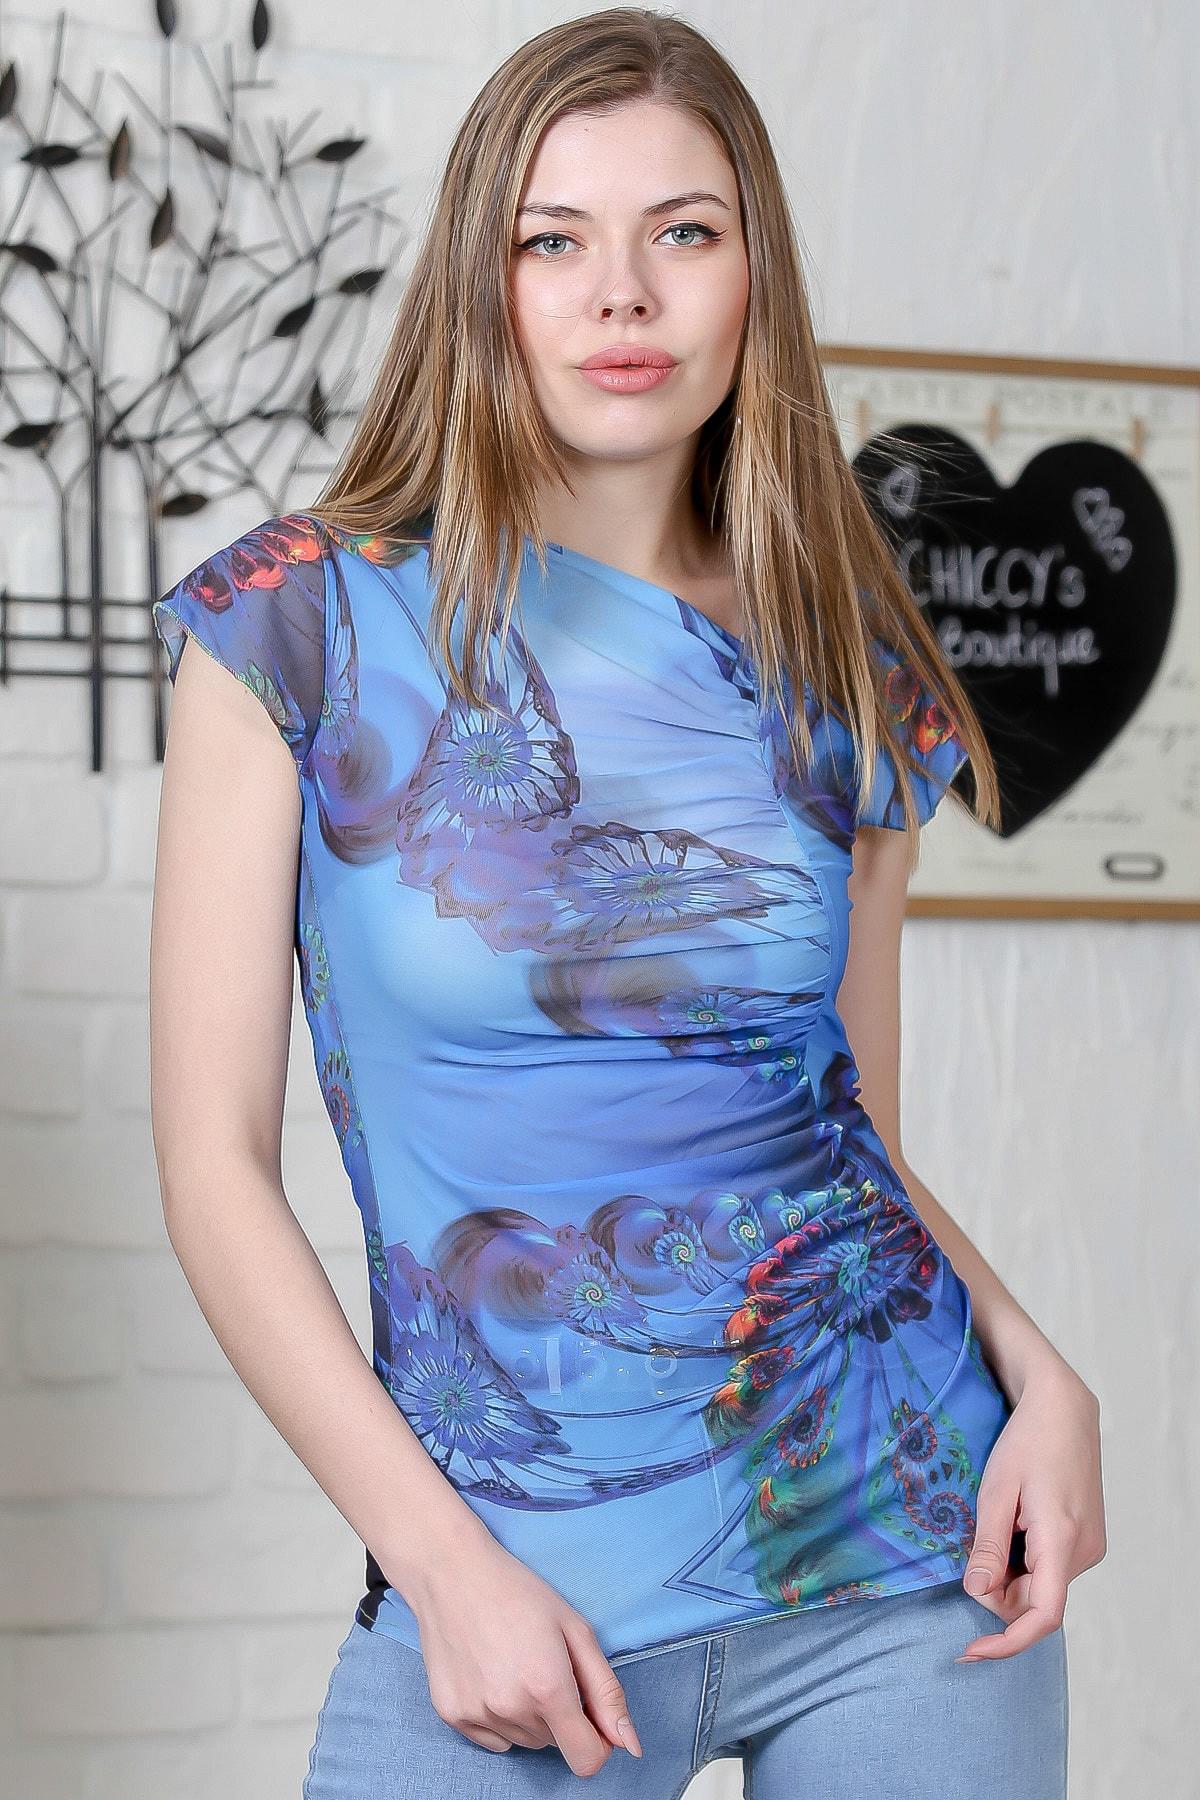 Chiccy Kadın Mavi Asimetrik Yaka Yanı Büzgü Detaylı Bluz M10010200BL95514 0